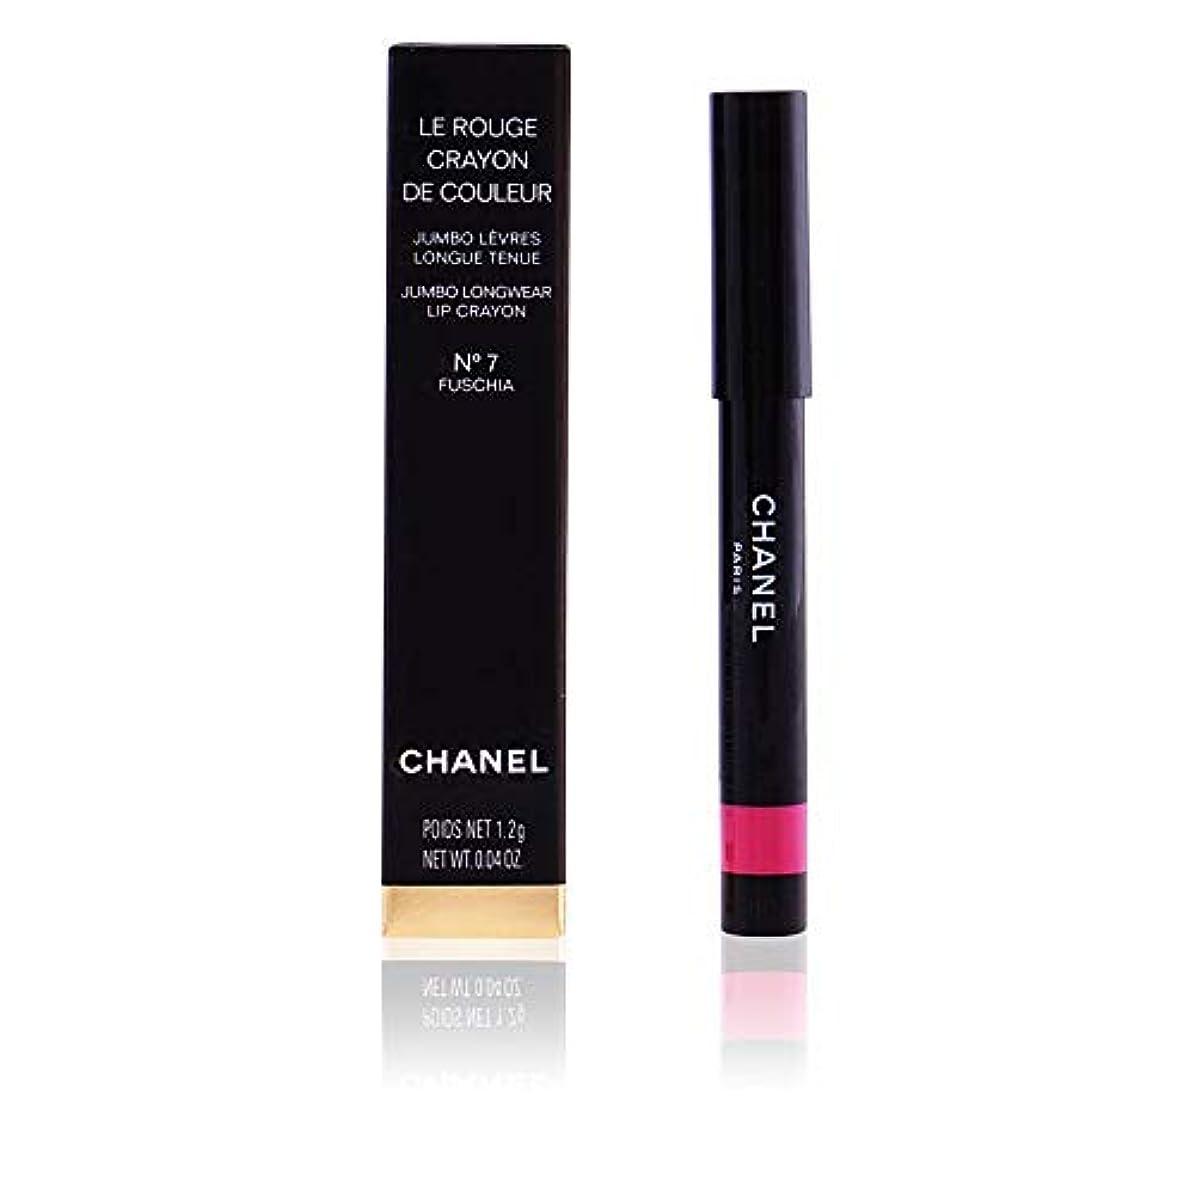 切り離すつなぐブラウザシャネル Le Rouge Crayon De Couleur Jumbo Longwear Lip Crayon - # 2 Rose Violine 1.2g/0.04oz並行輸入品